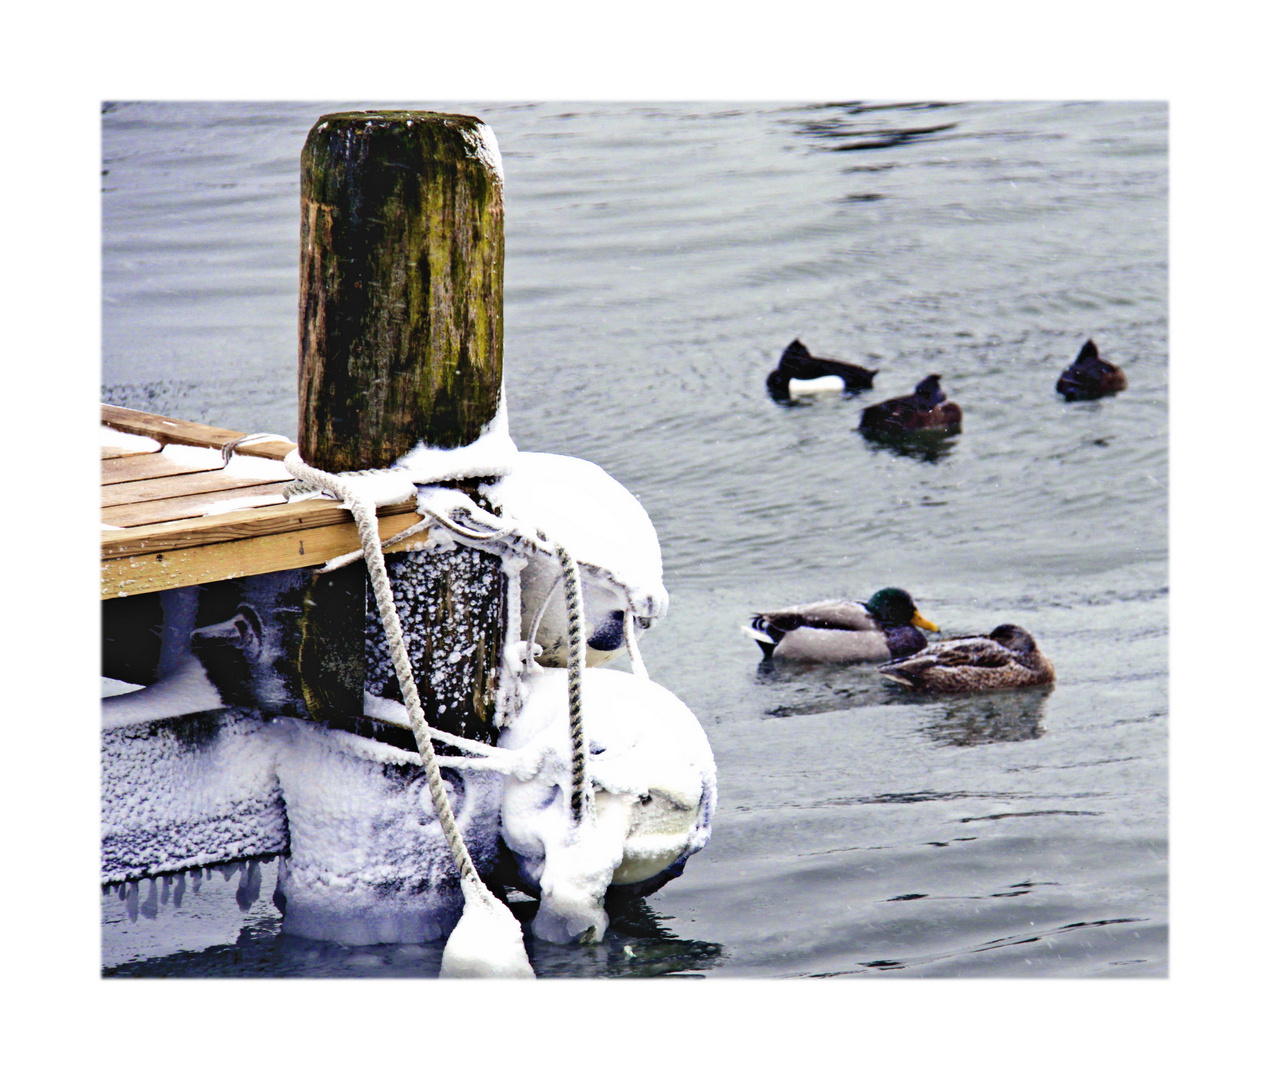 Fehmarn Hafen Orth im Winter